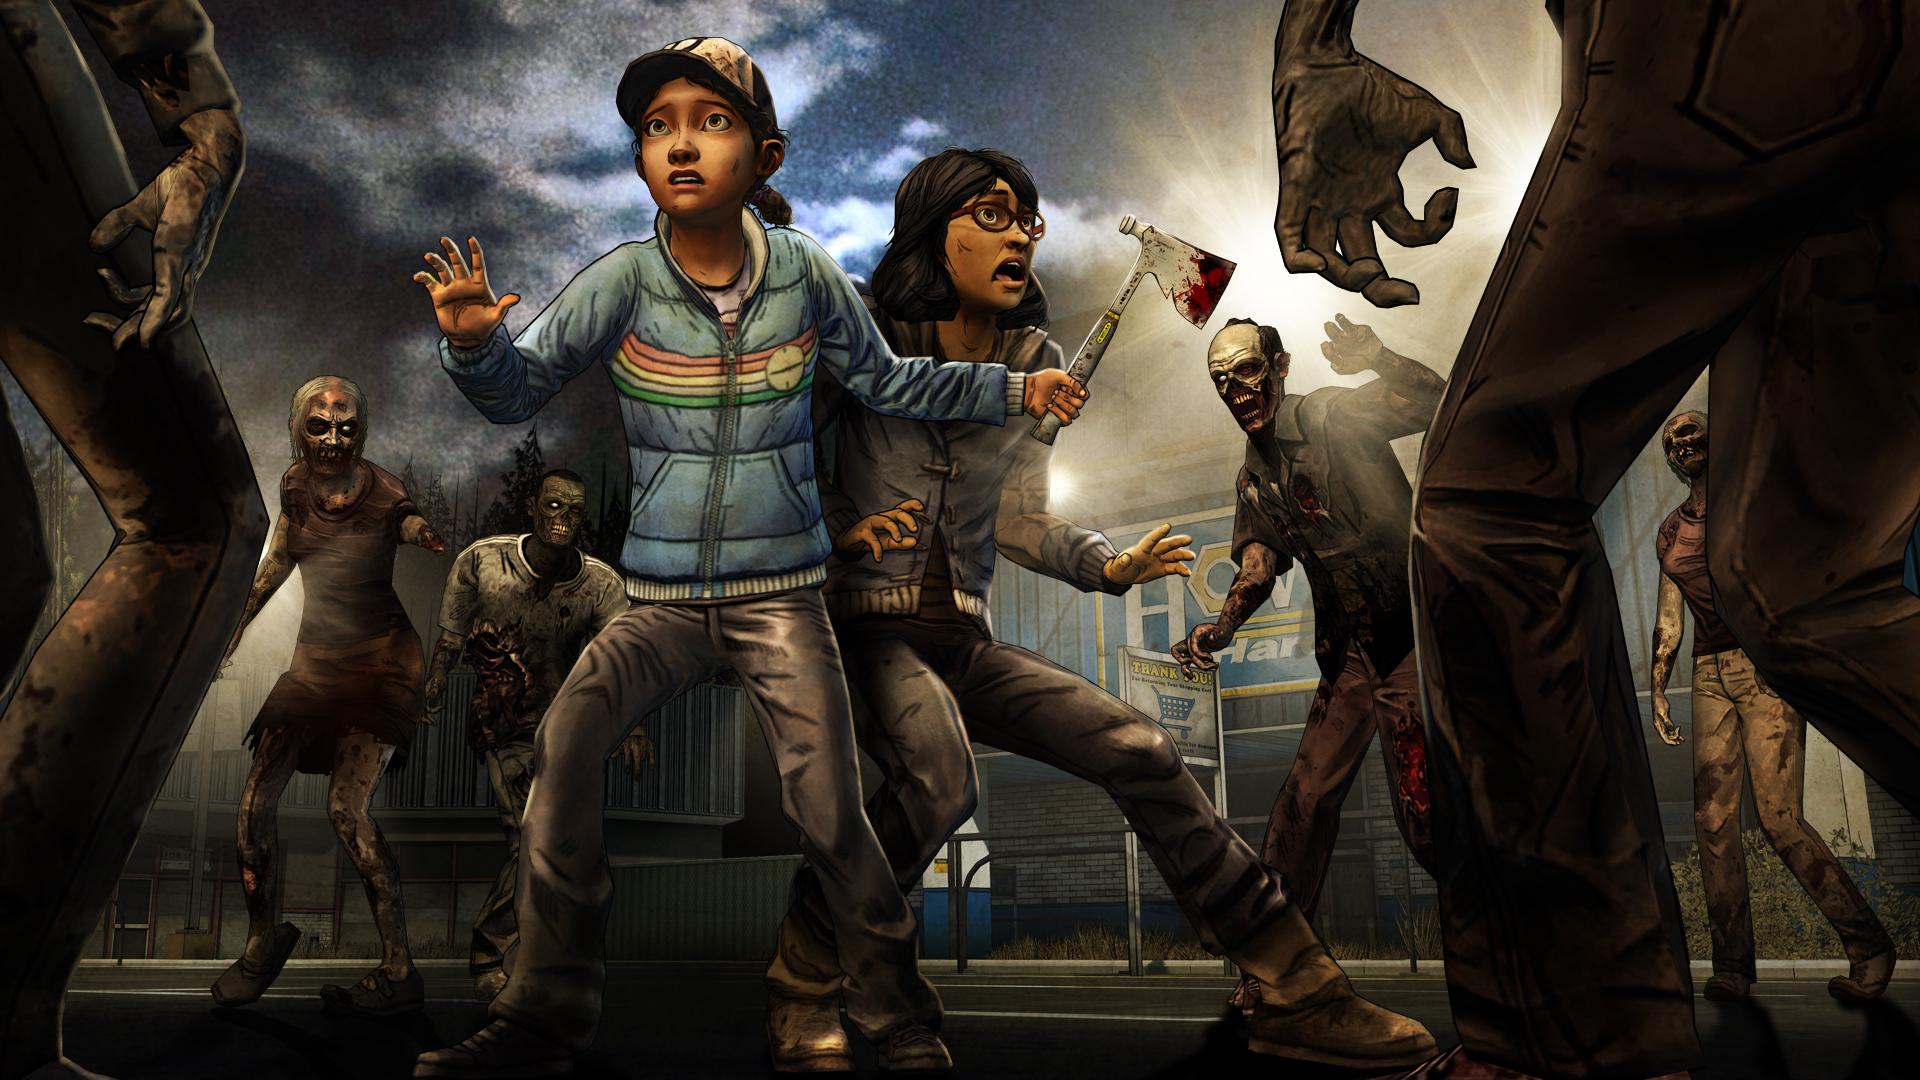 The Walking Dead: Season Two – Episode 4 releases next week